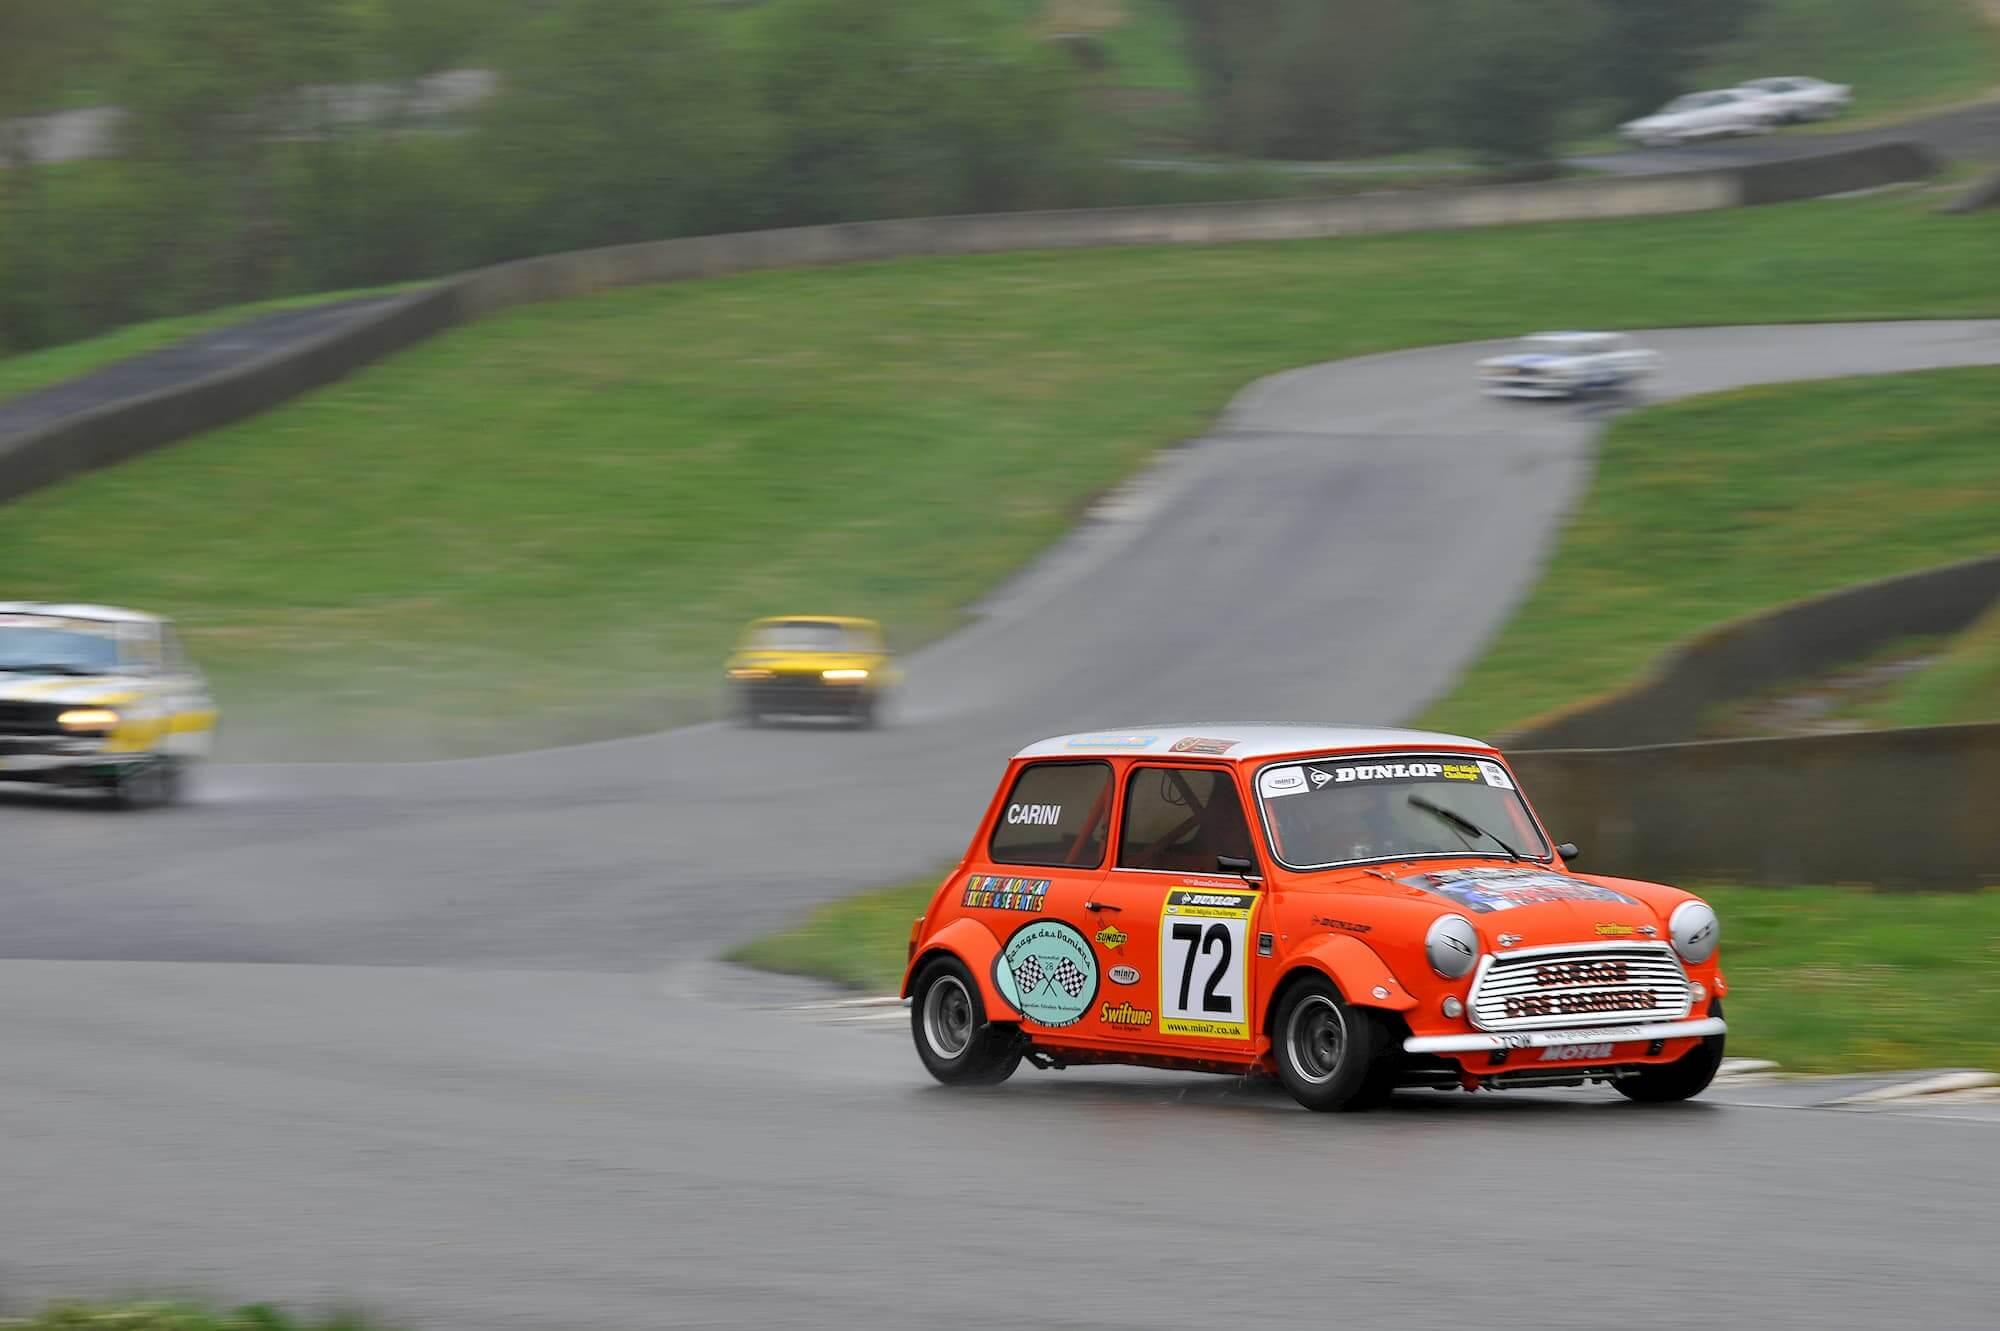 Mini Miglia car racing sur le circuit de Charade, piloté par Grégory Carini